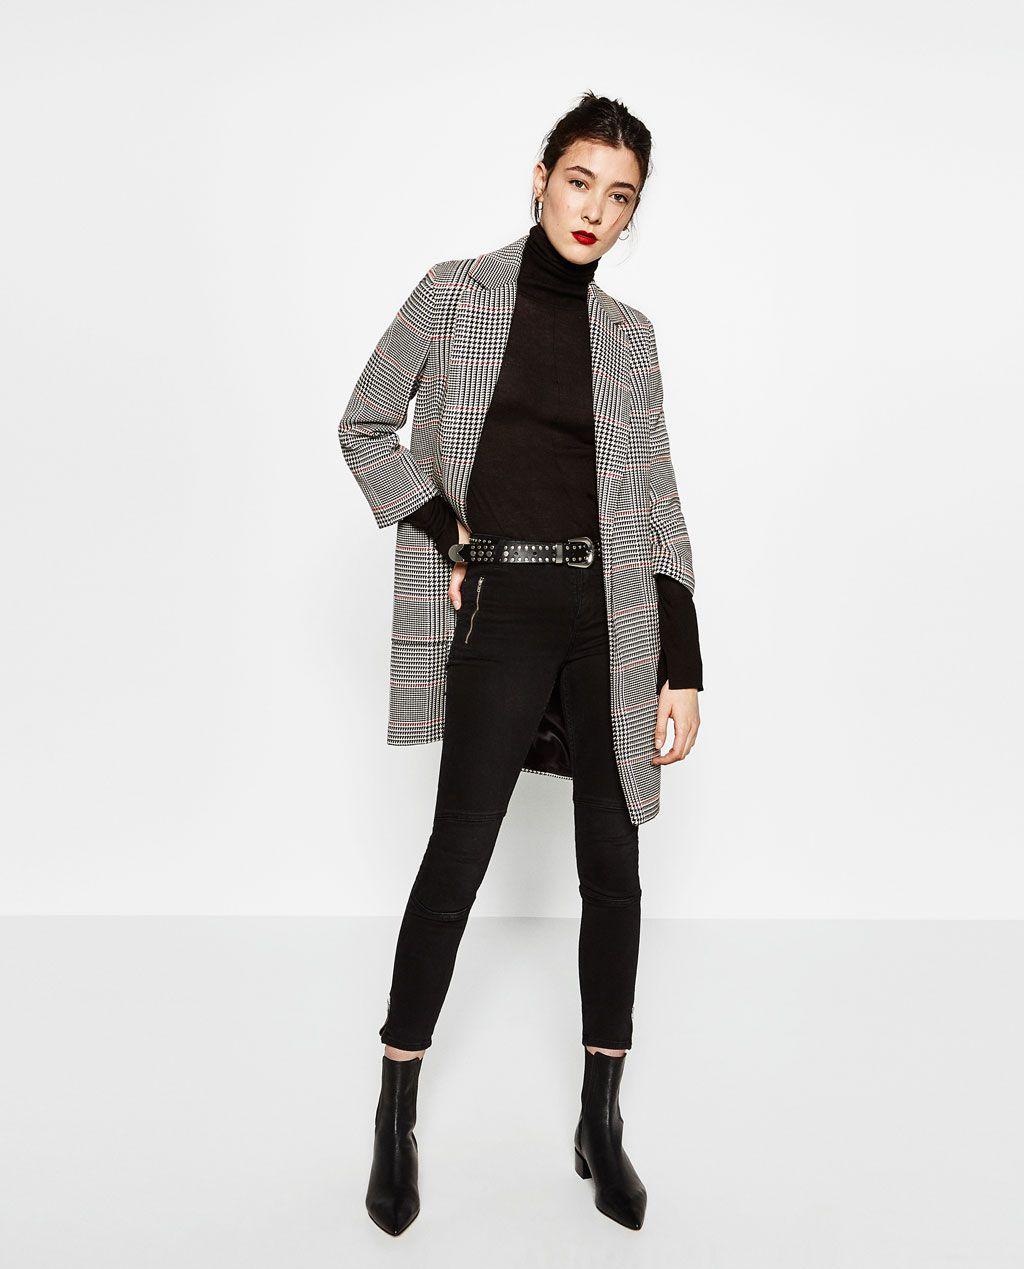 Zara skinny jeans malaysia